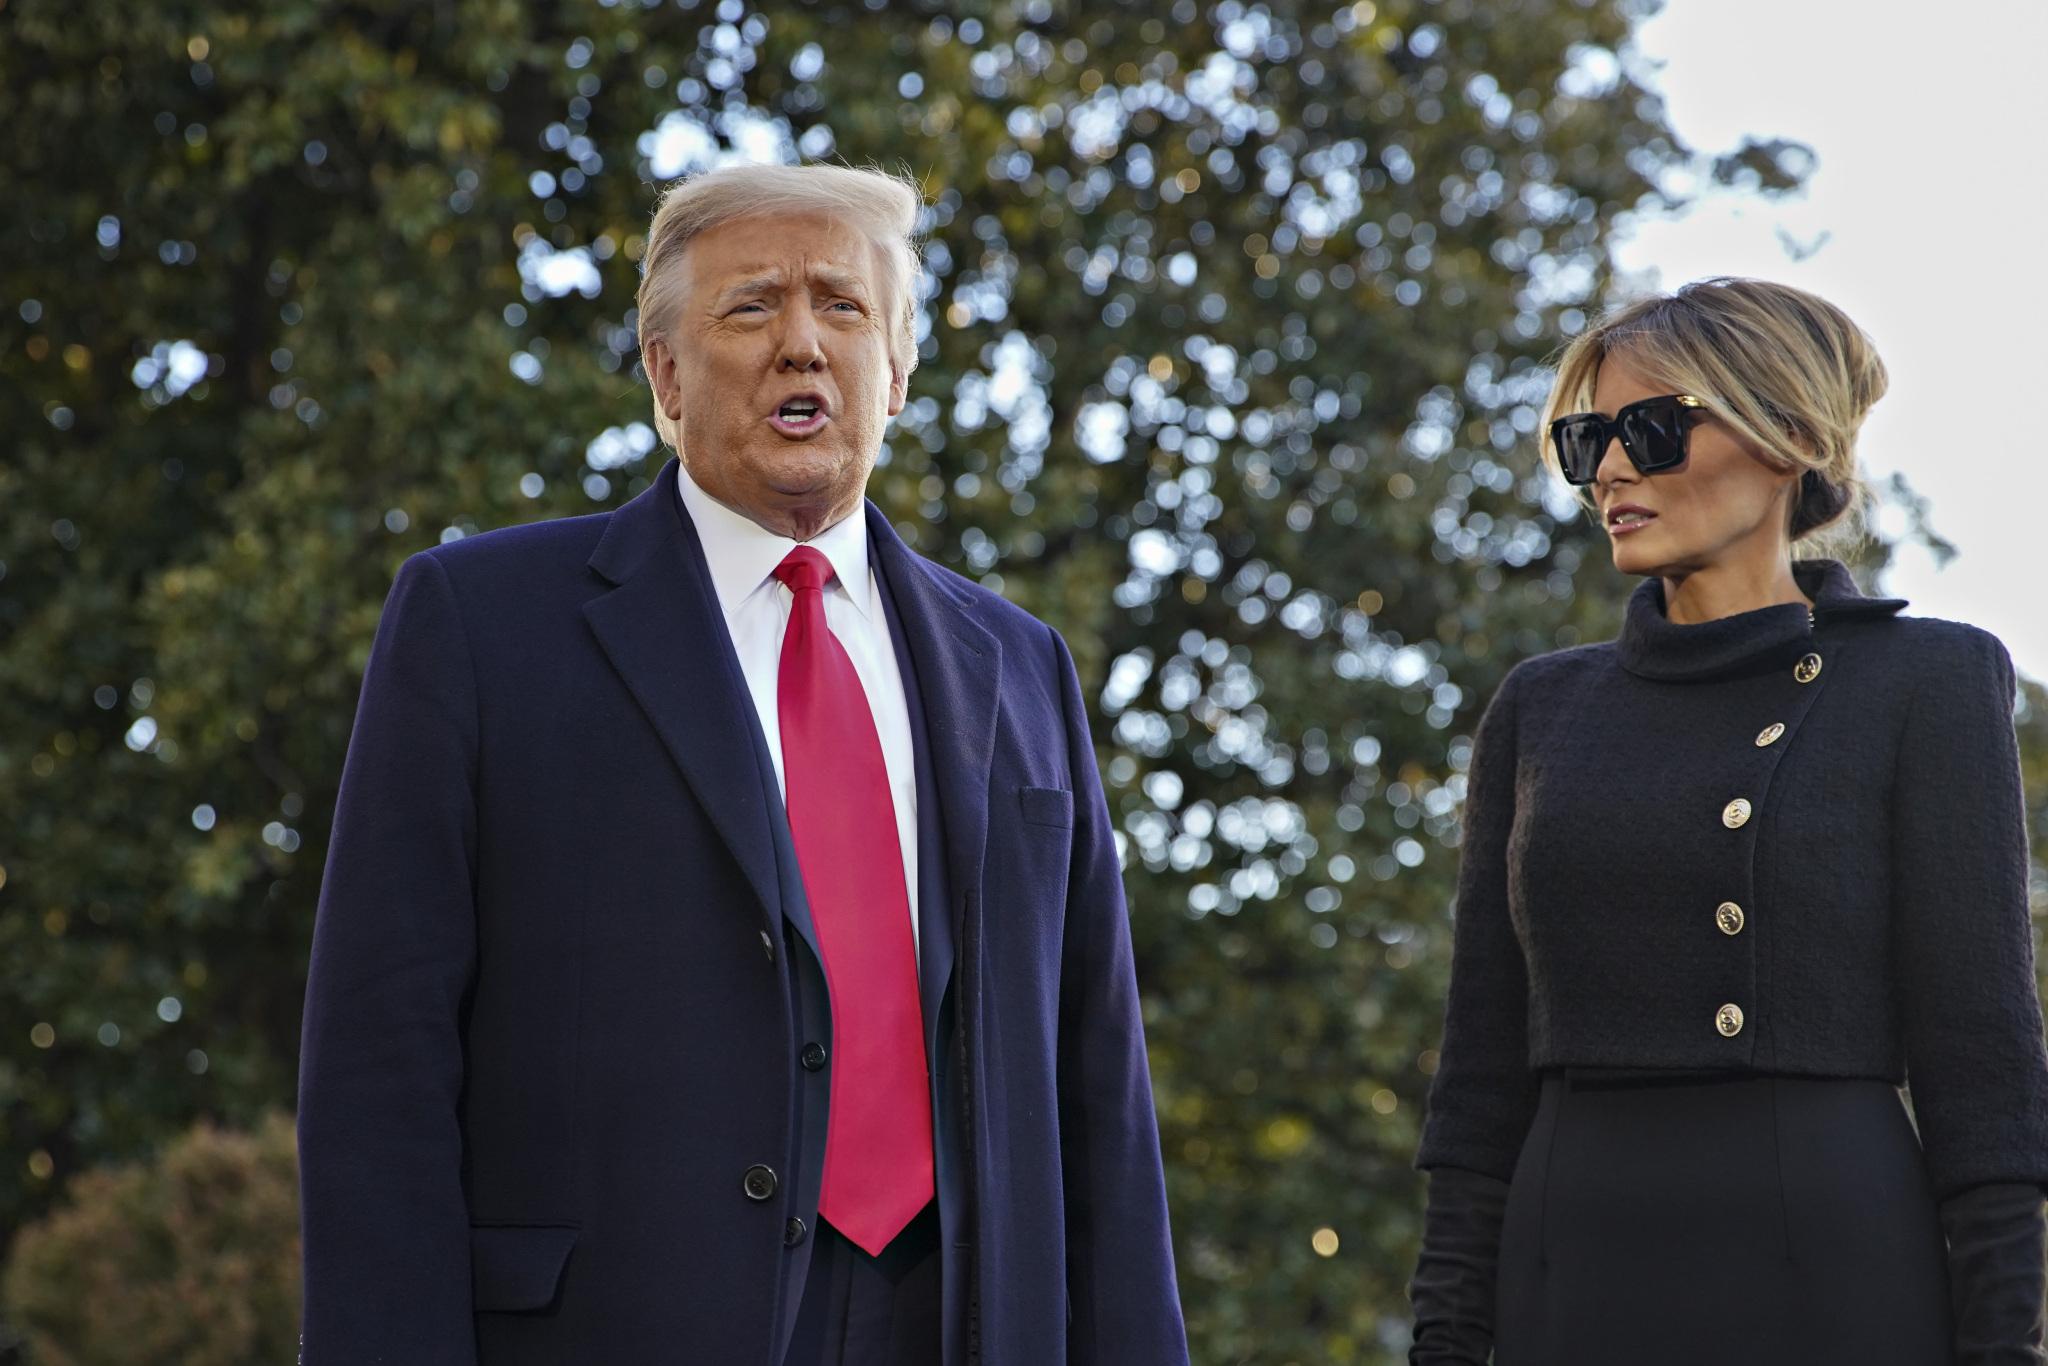 當地時間2021年1月20日,美國華盛頓,即將卸任的美國總統特朗普和第一夫人梅拉尼婭在搭乘飛機前往安德魯斯基地前對媒體講話。